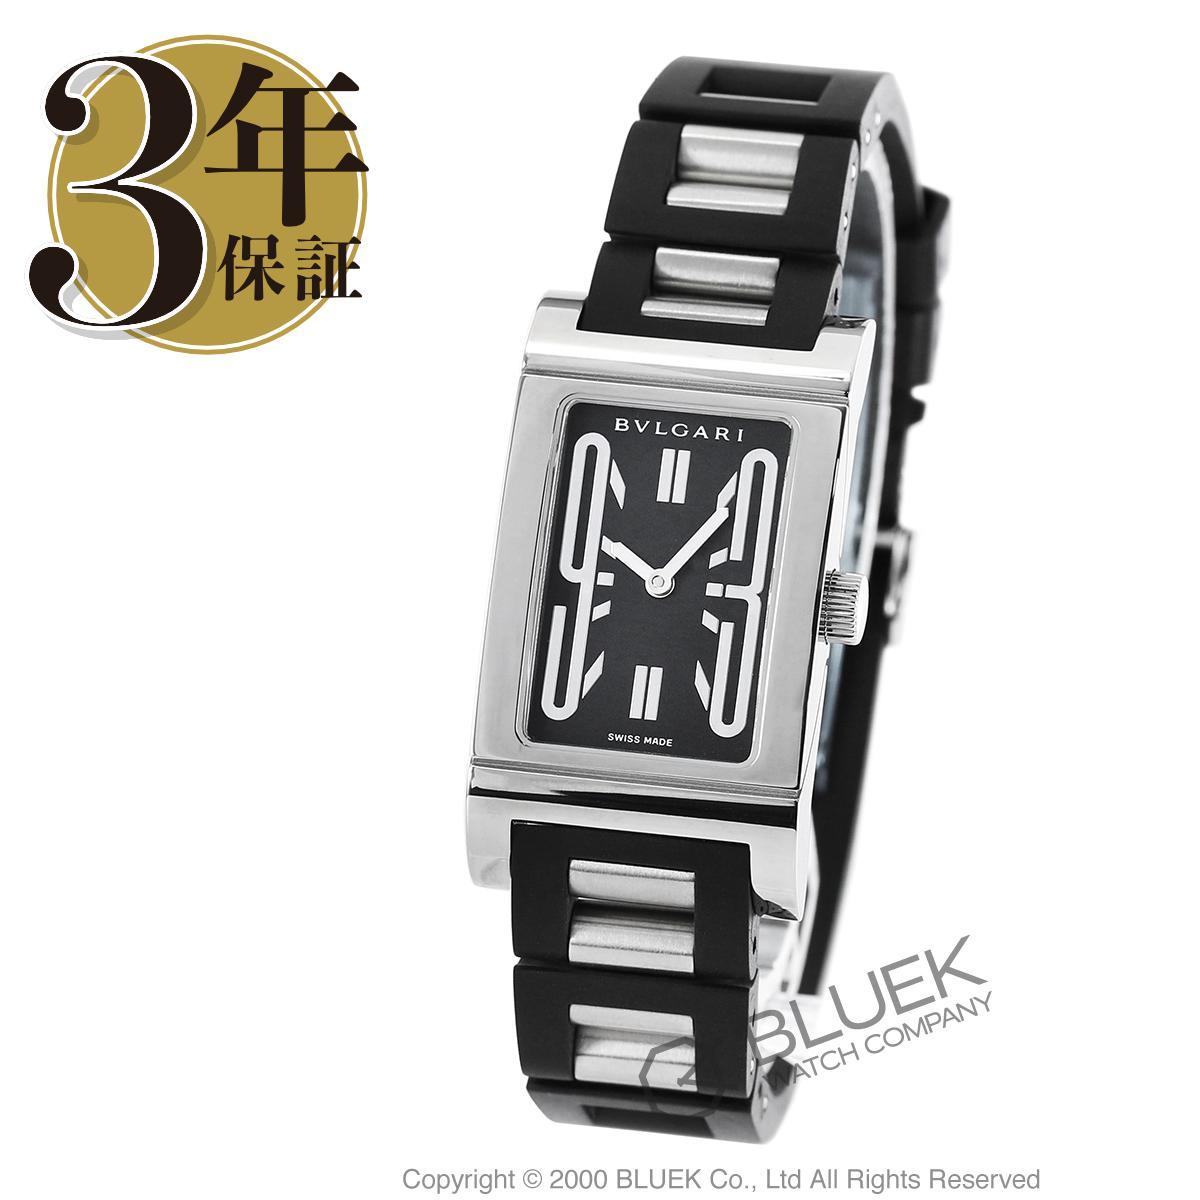 ブルガリ レッタンゴロ 腕時計 レディース BVLGARI RT39SV_8